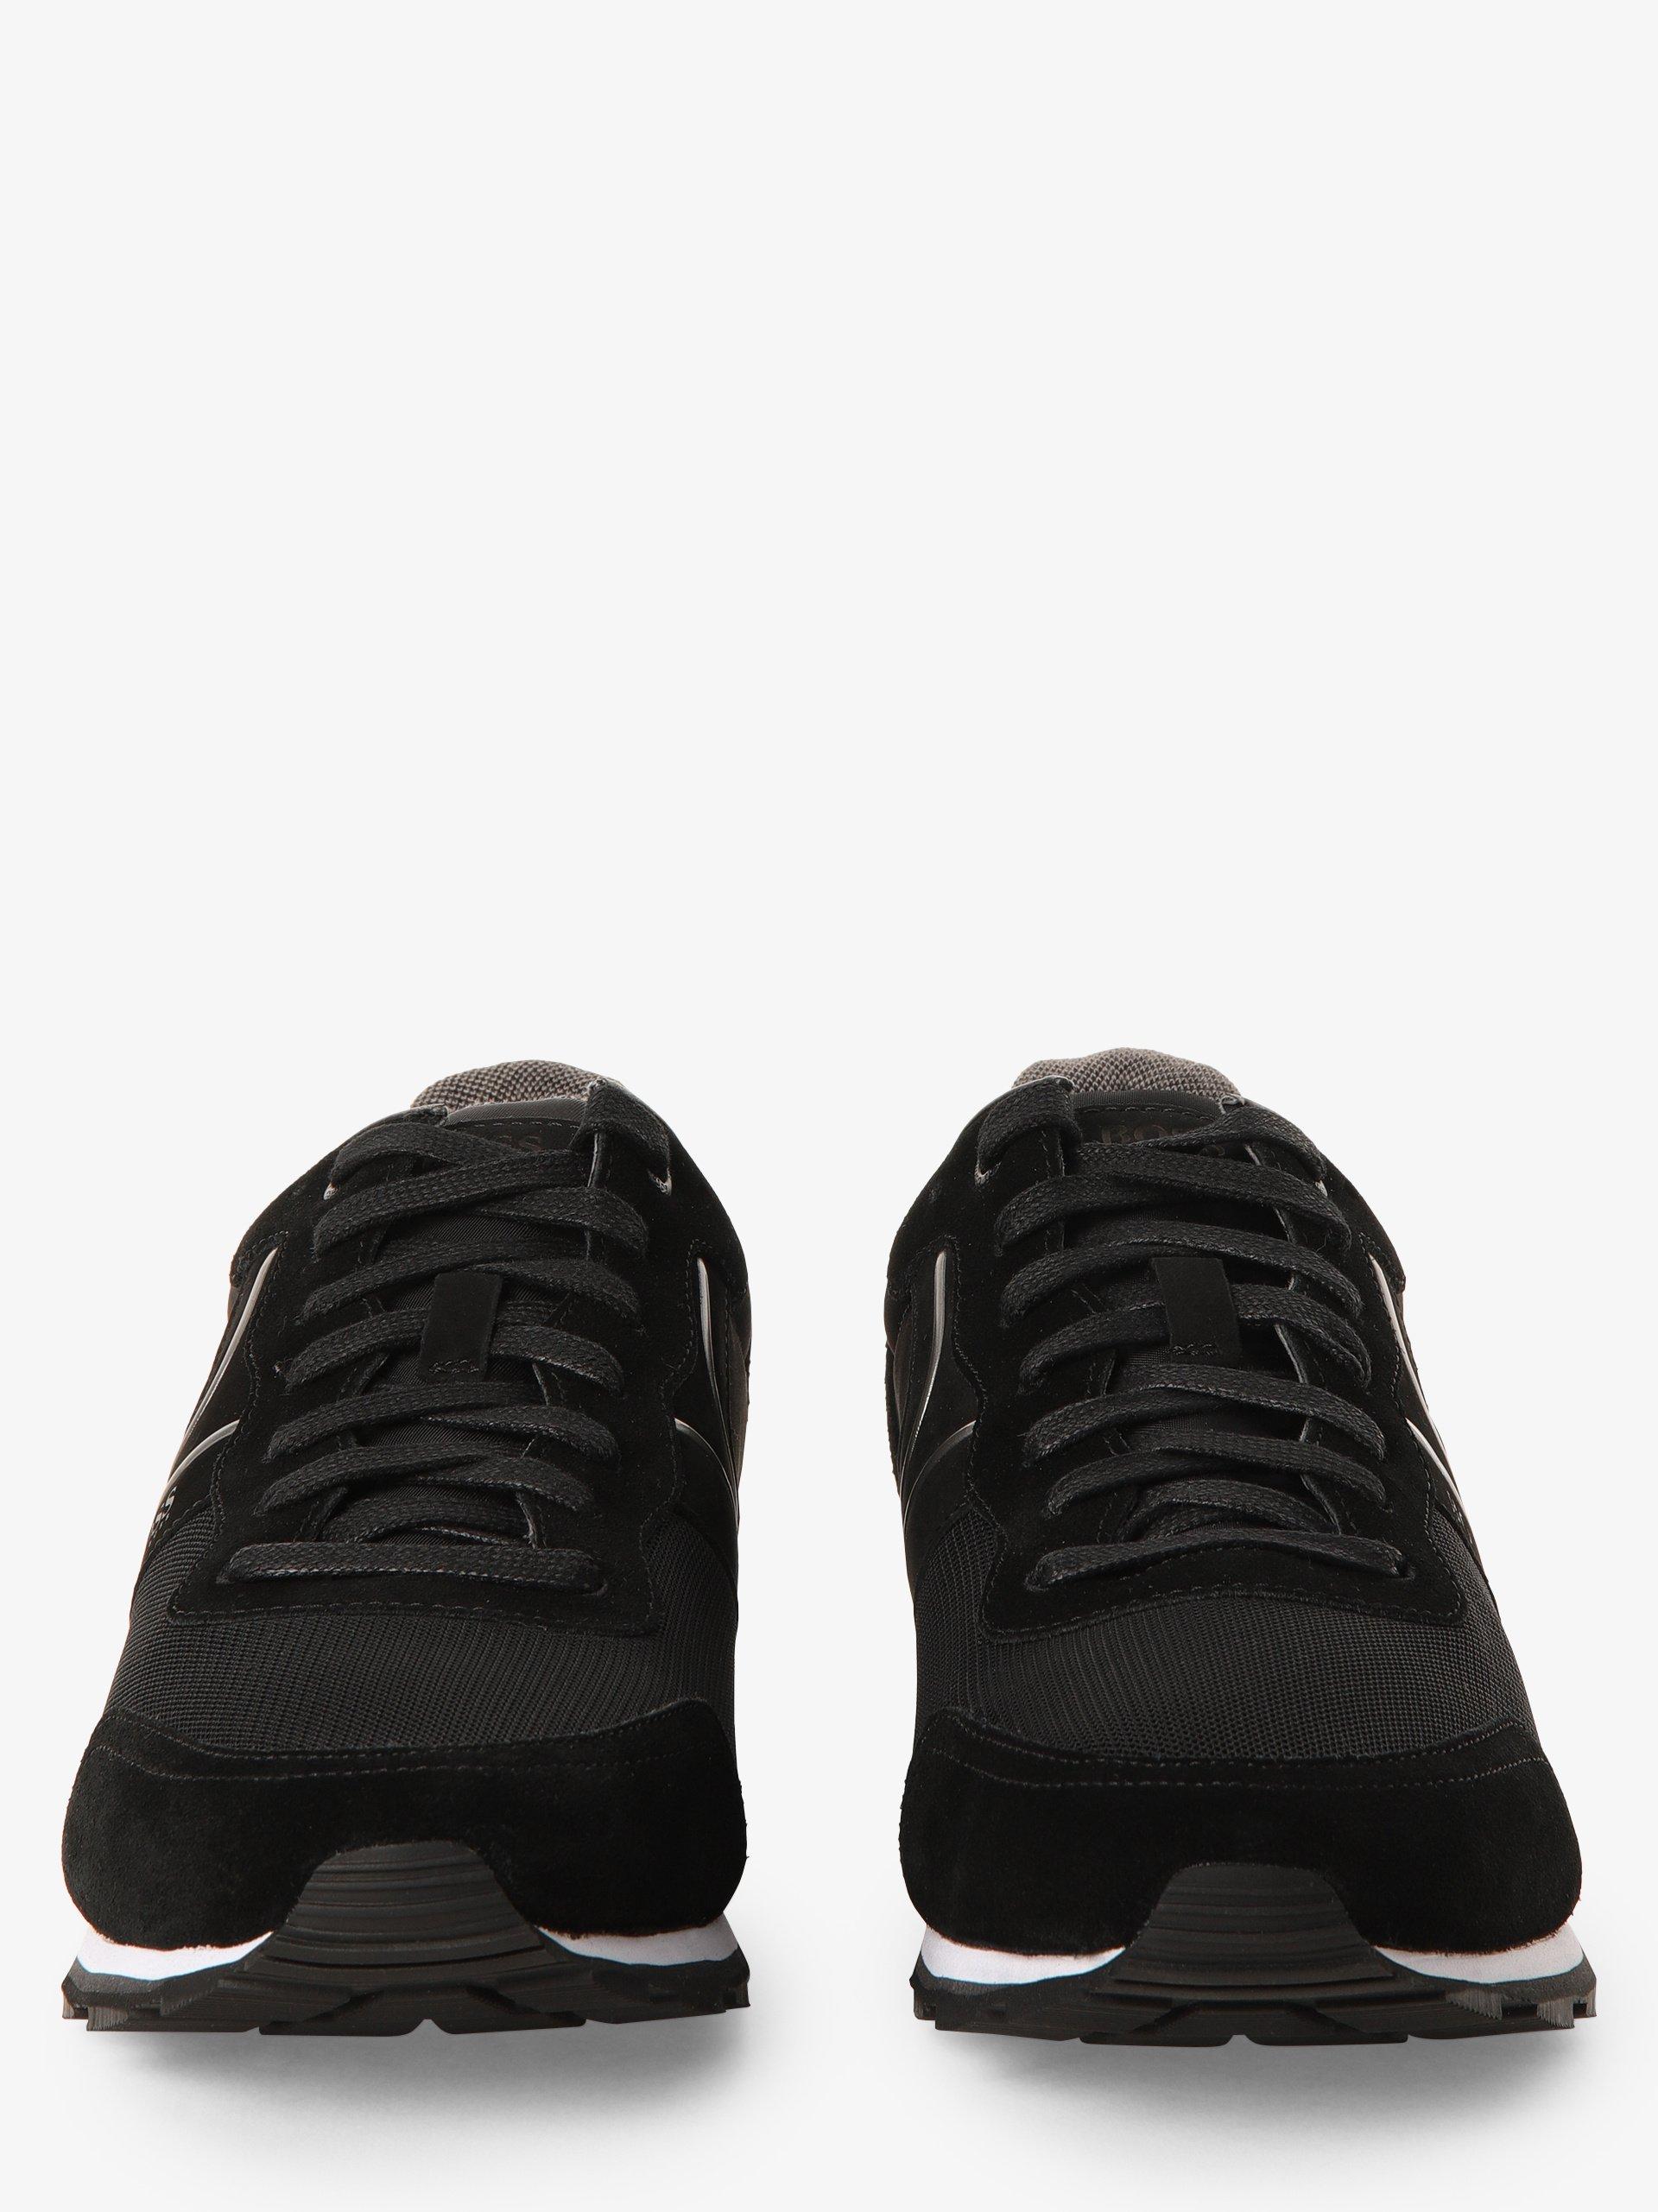 BOSS Athleisure Herren Sneaker mit Leder-Anteil - Parkour_Runn_nymx2